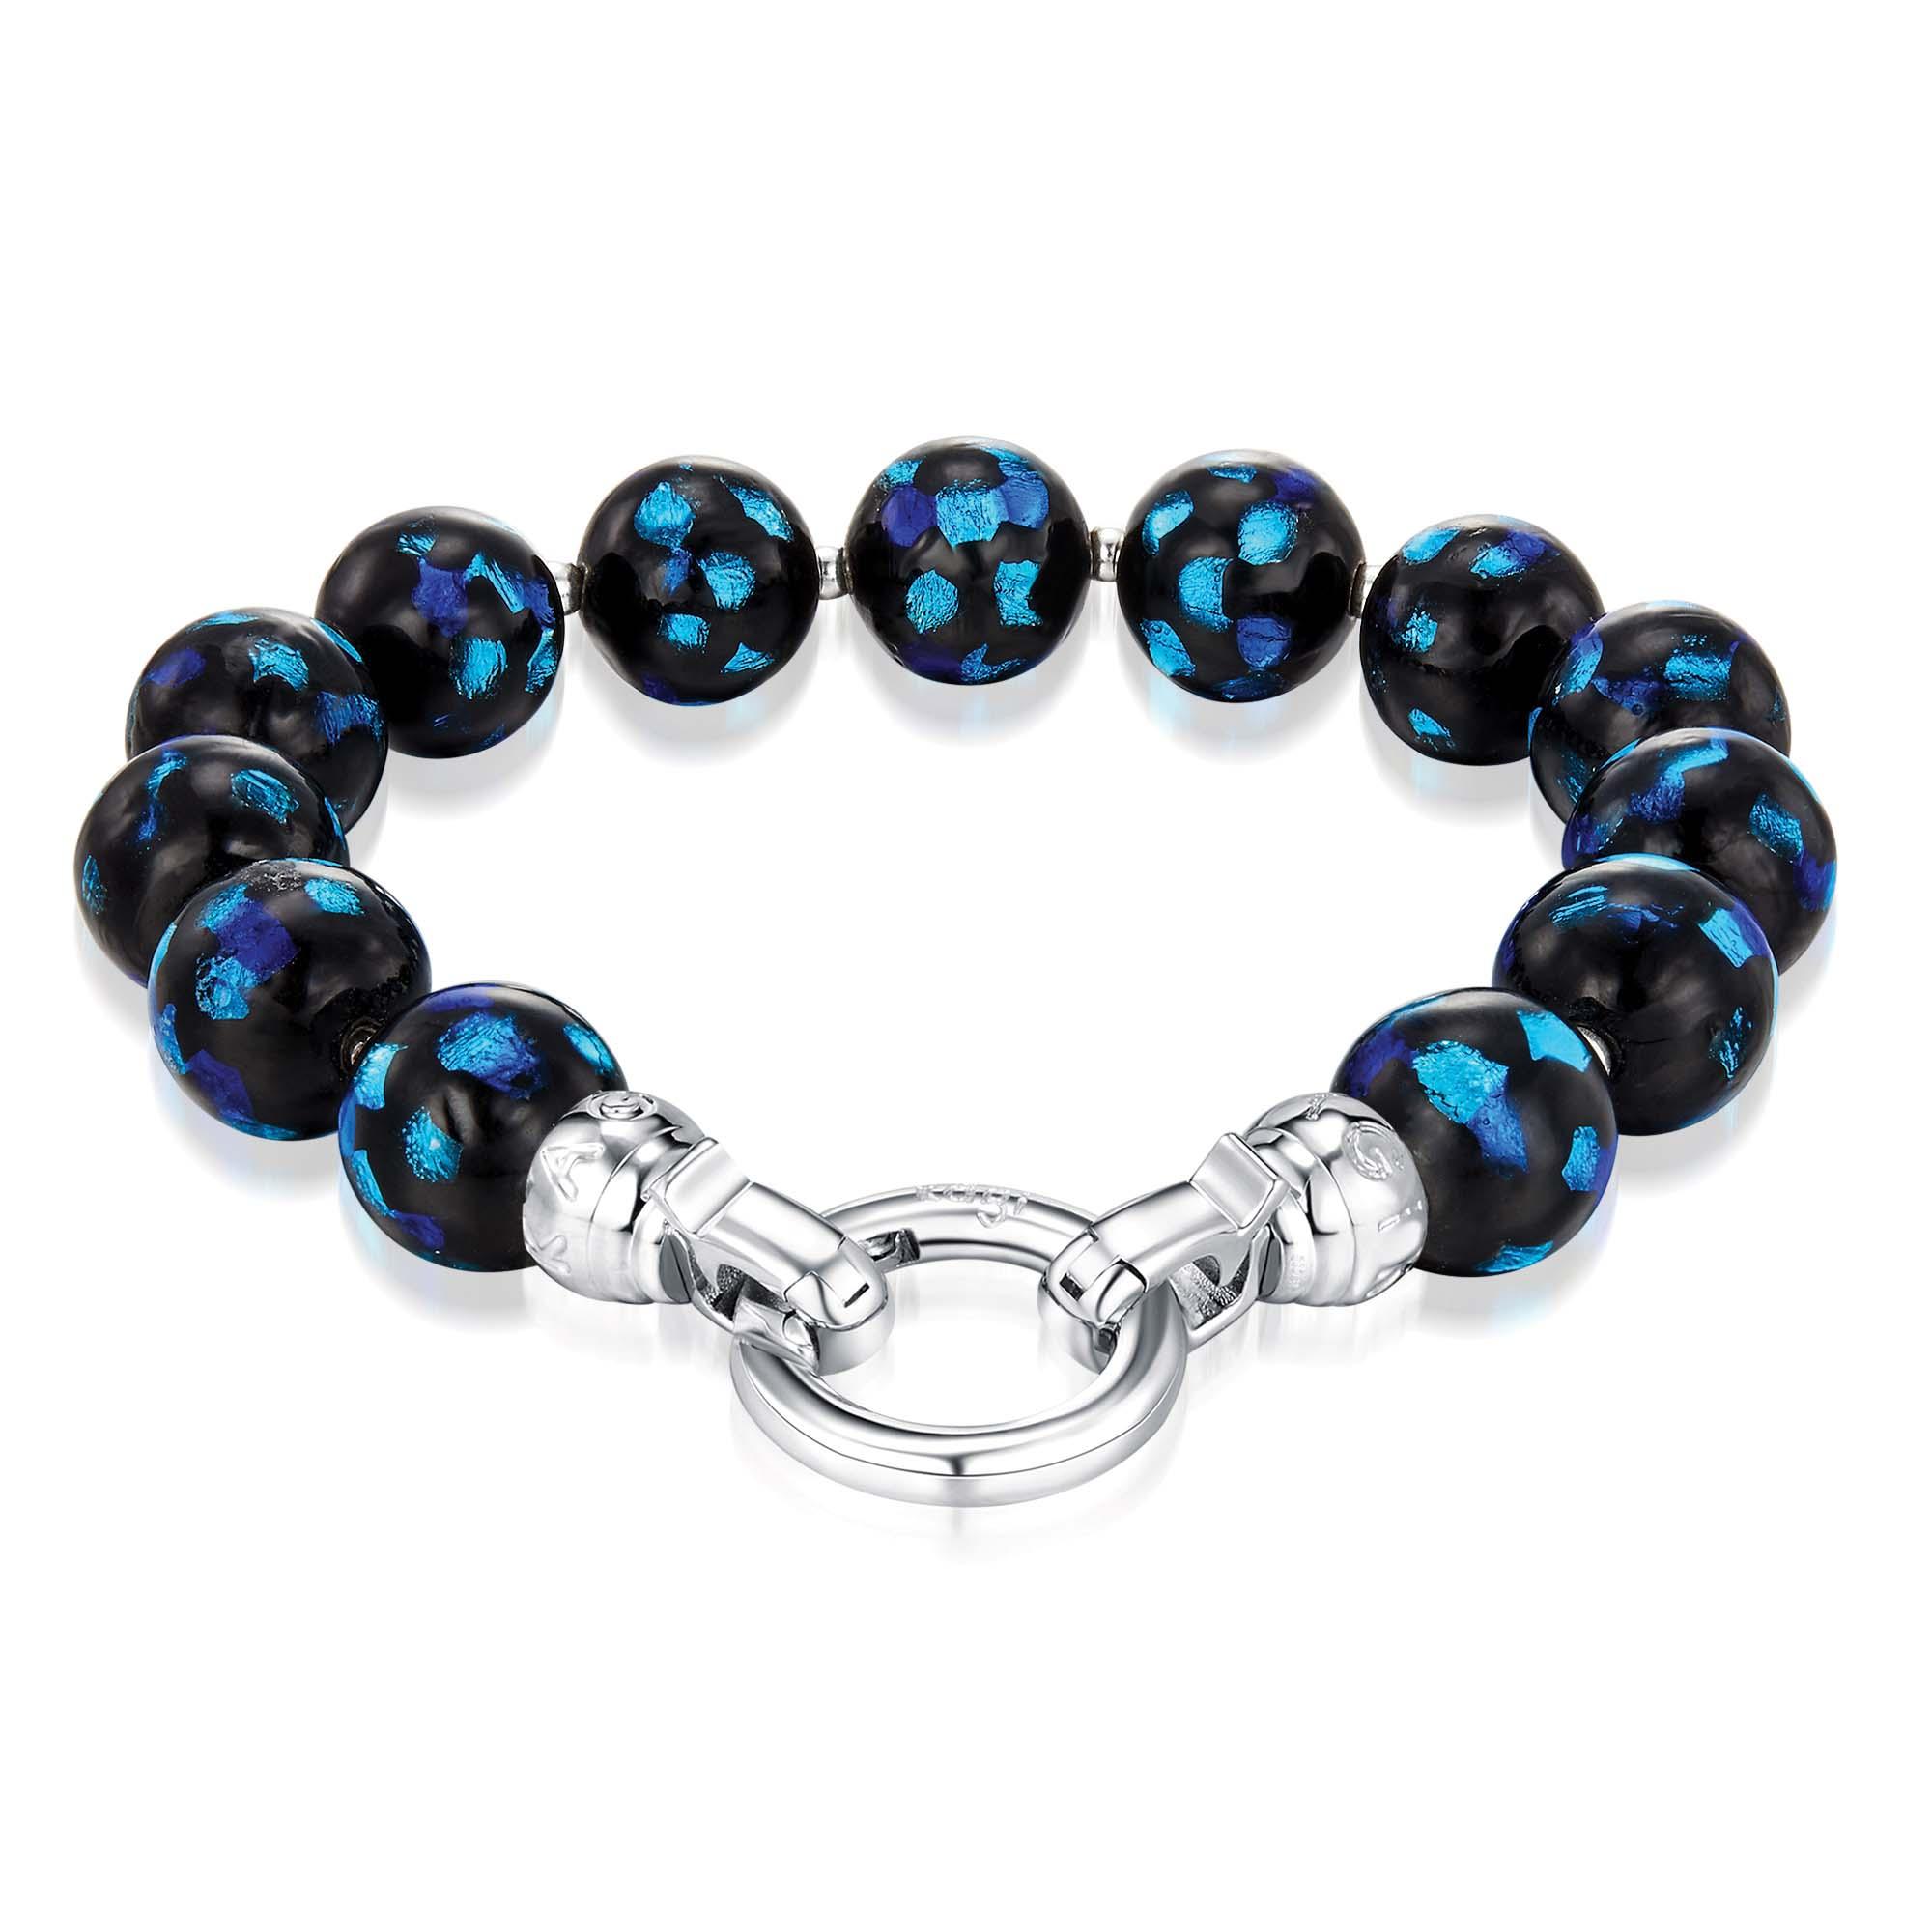 Kagi Blue Danube Bracelet $149 www.kagi.net